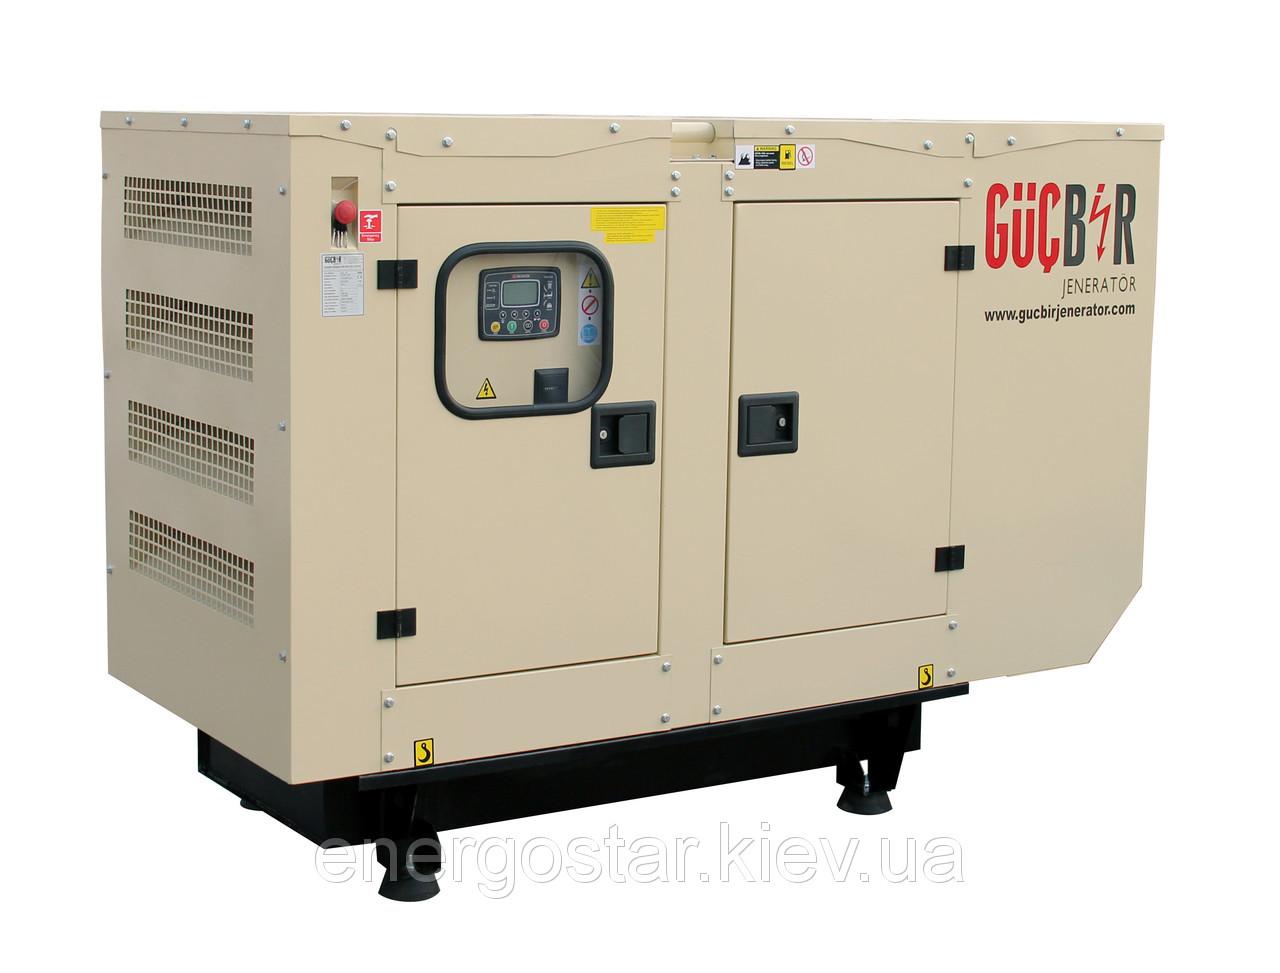 ⚡GUCBIR GJR 40 (32 кВт)